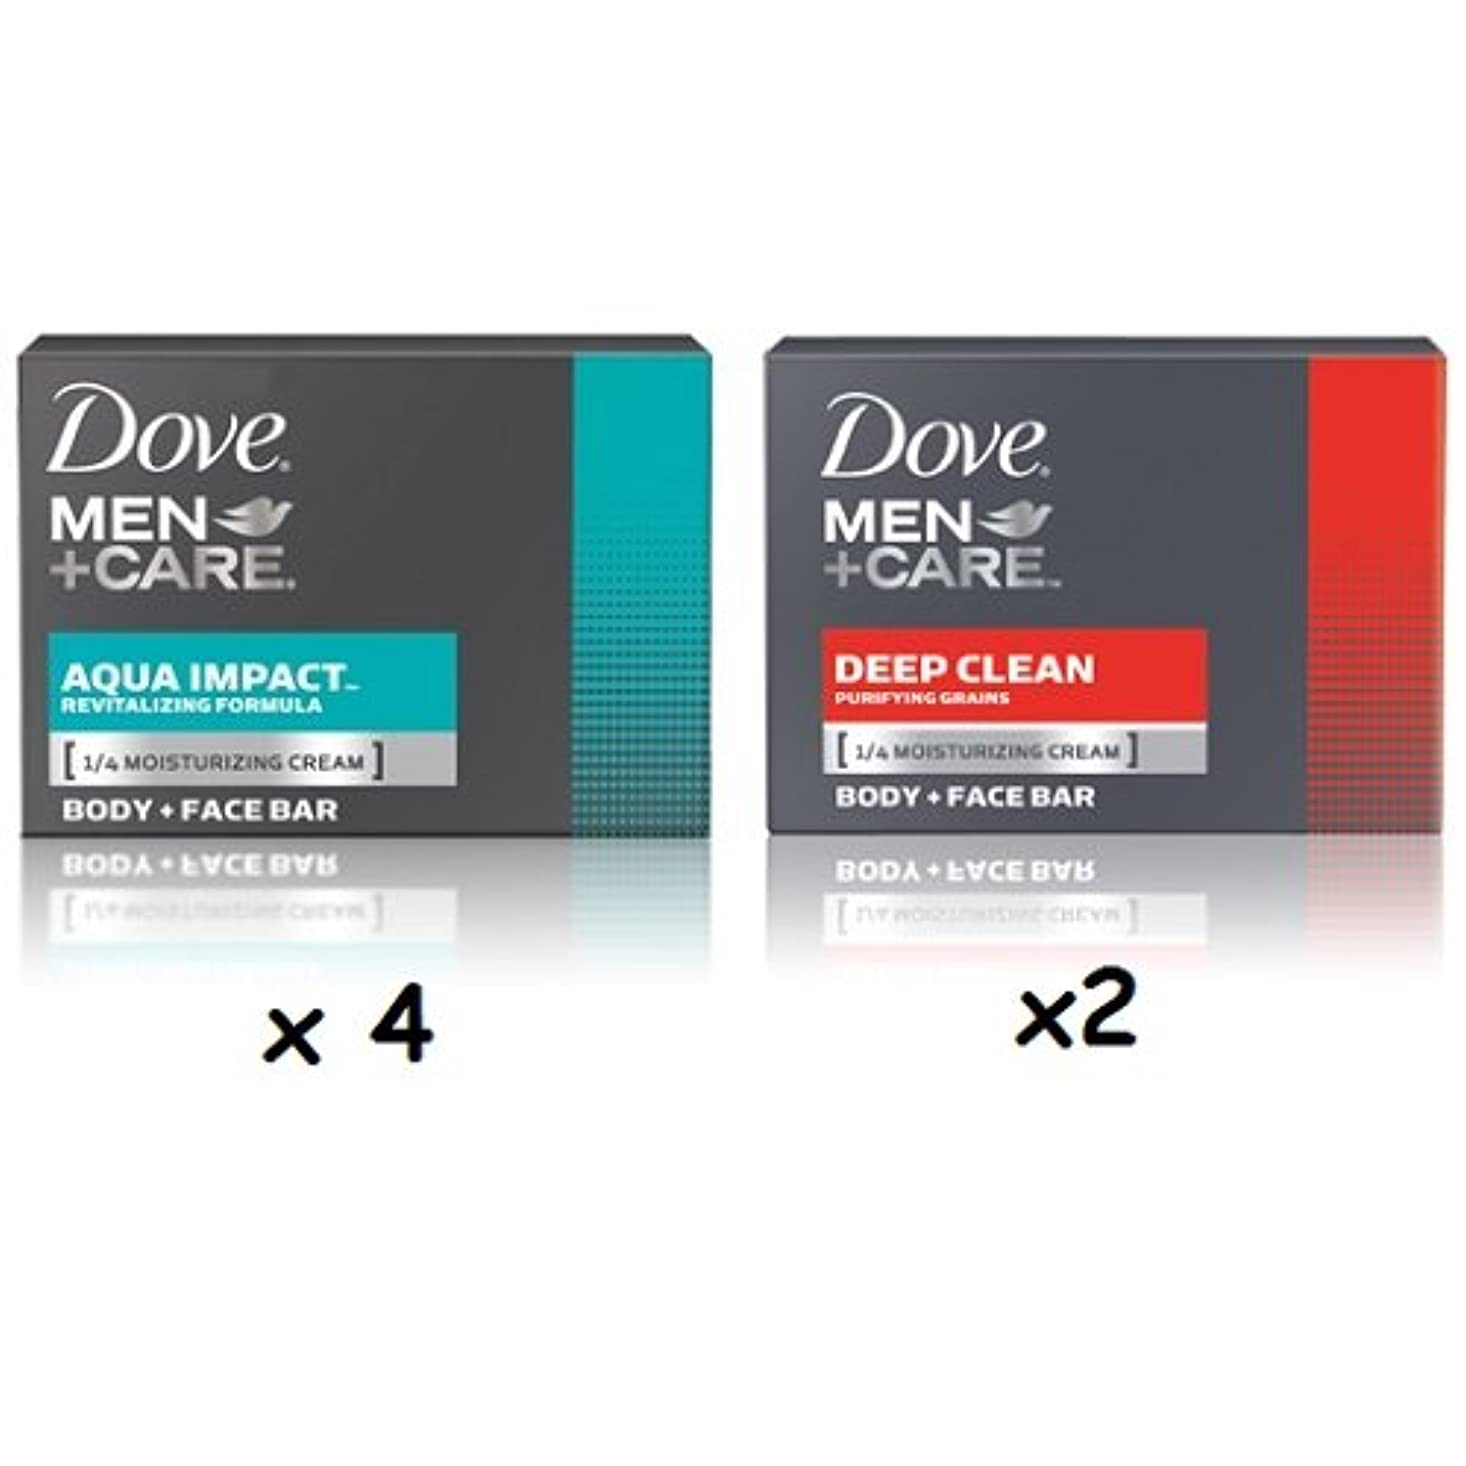 旅行者篭悪意【6個セット】Dove MEN+CARE Body&Face Bar Soap (4ozx6) ダヴ メンズプラスケア 体&顔用の固形石鹸(113gx6)(Deep Clean 4個とAqua Impact2個 合計6個セット)